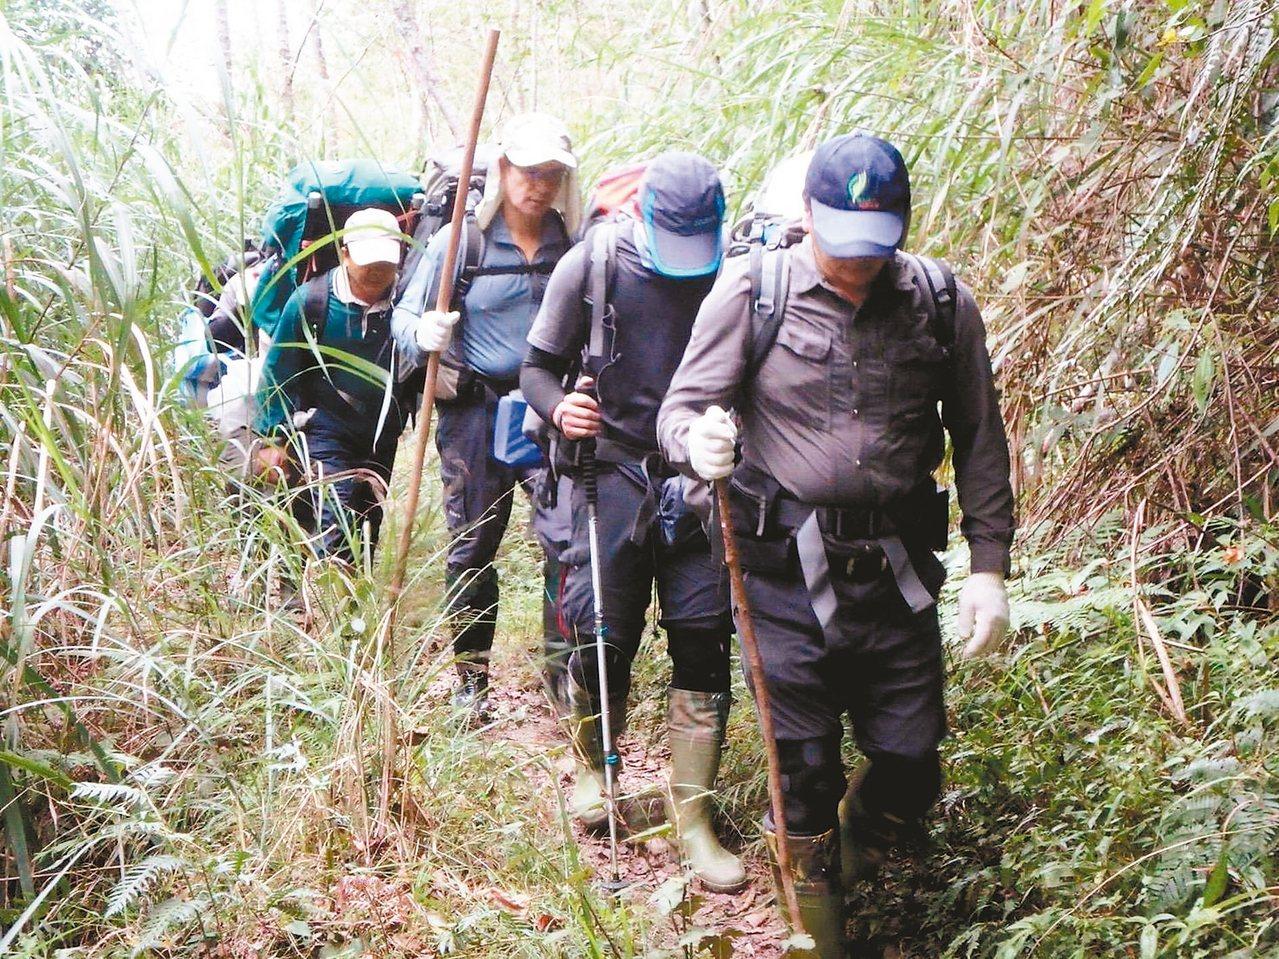 嘉義林管處巡山員每月至少執行四次林班清查,抑制山老鼠盜伐林木。 聯合報系資料照片...